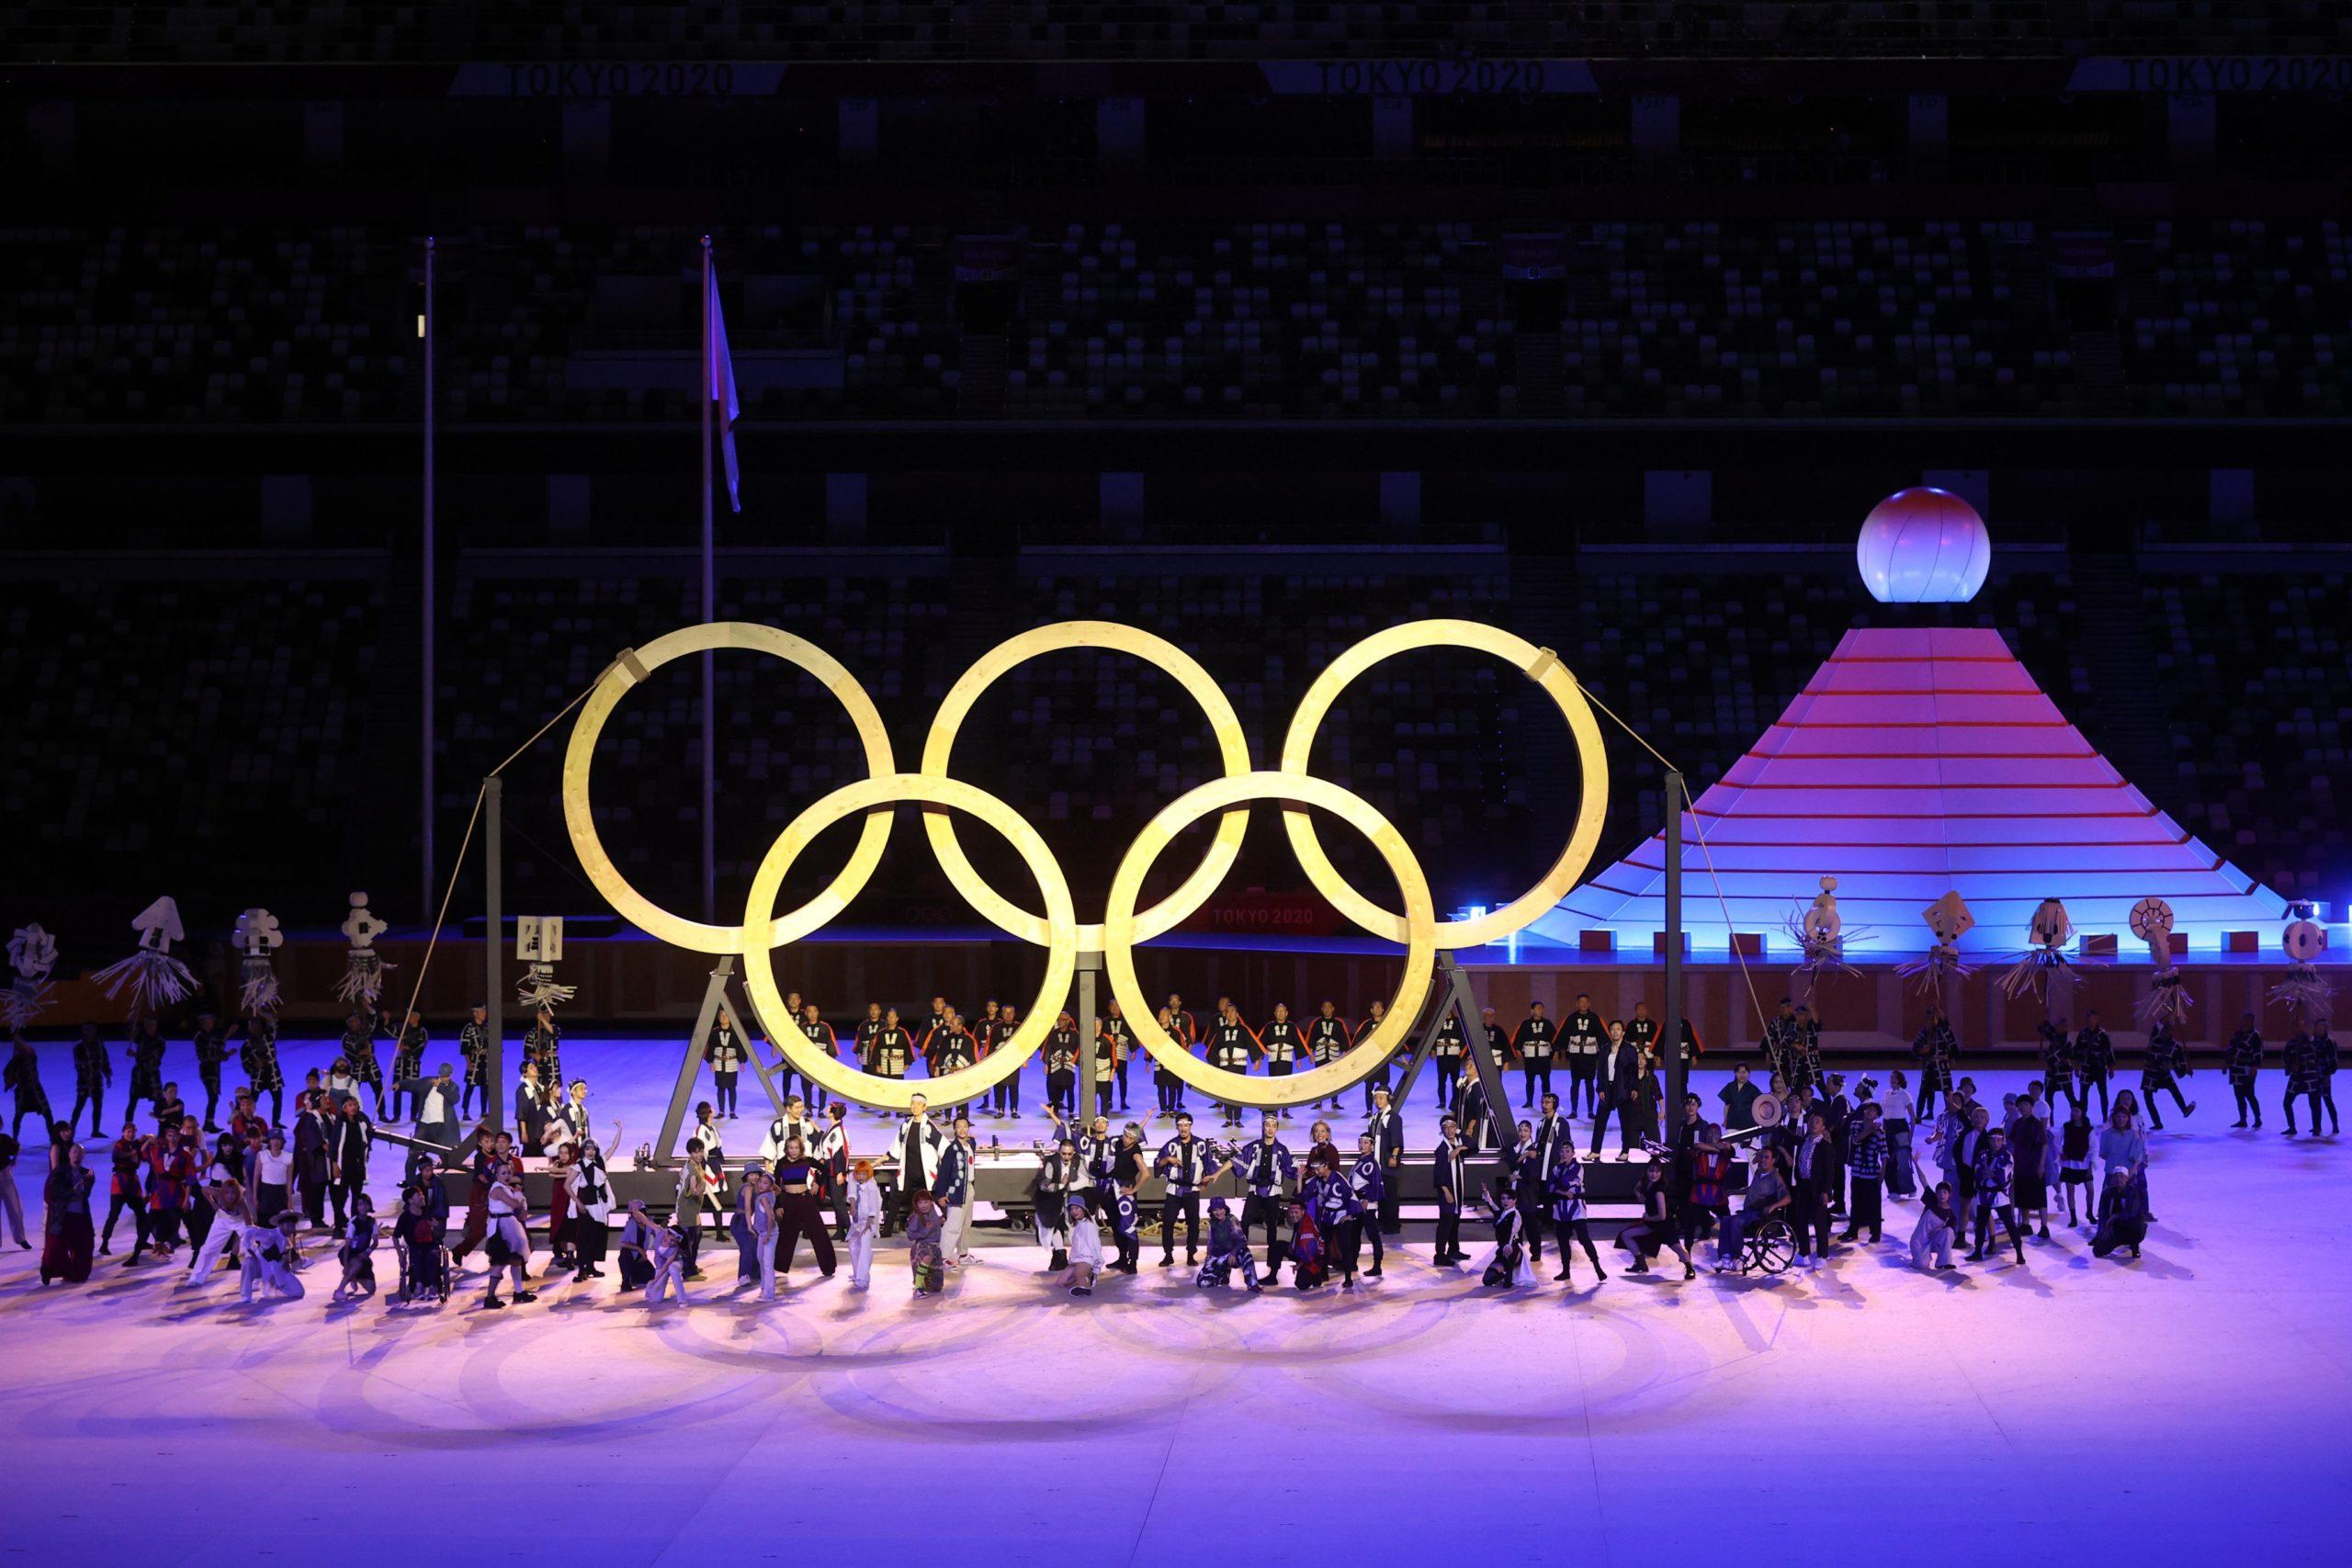 FOTOS: INAUGURACIÓN DE LOS JUEGOS OLÍMPICOS DE TOKIO 2020